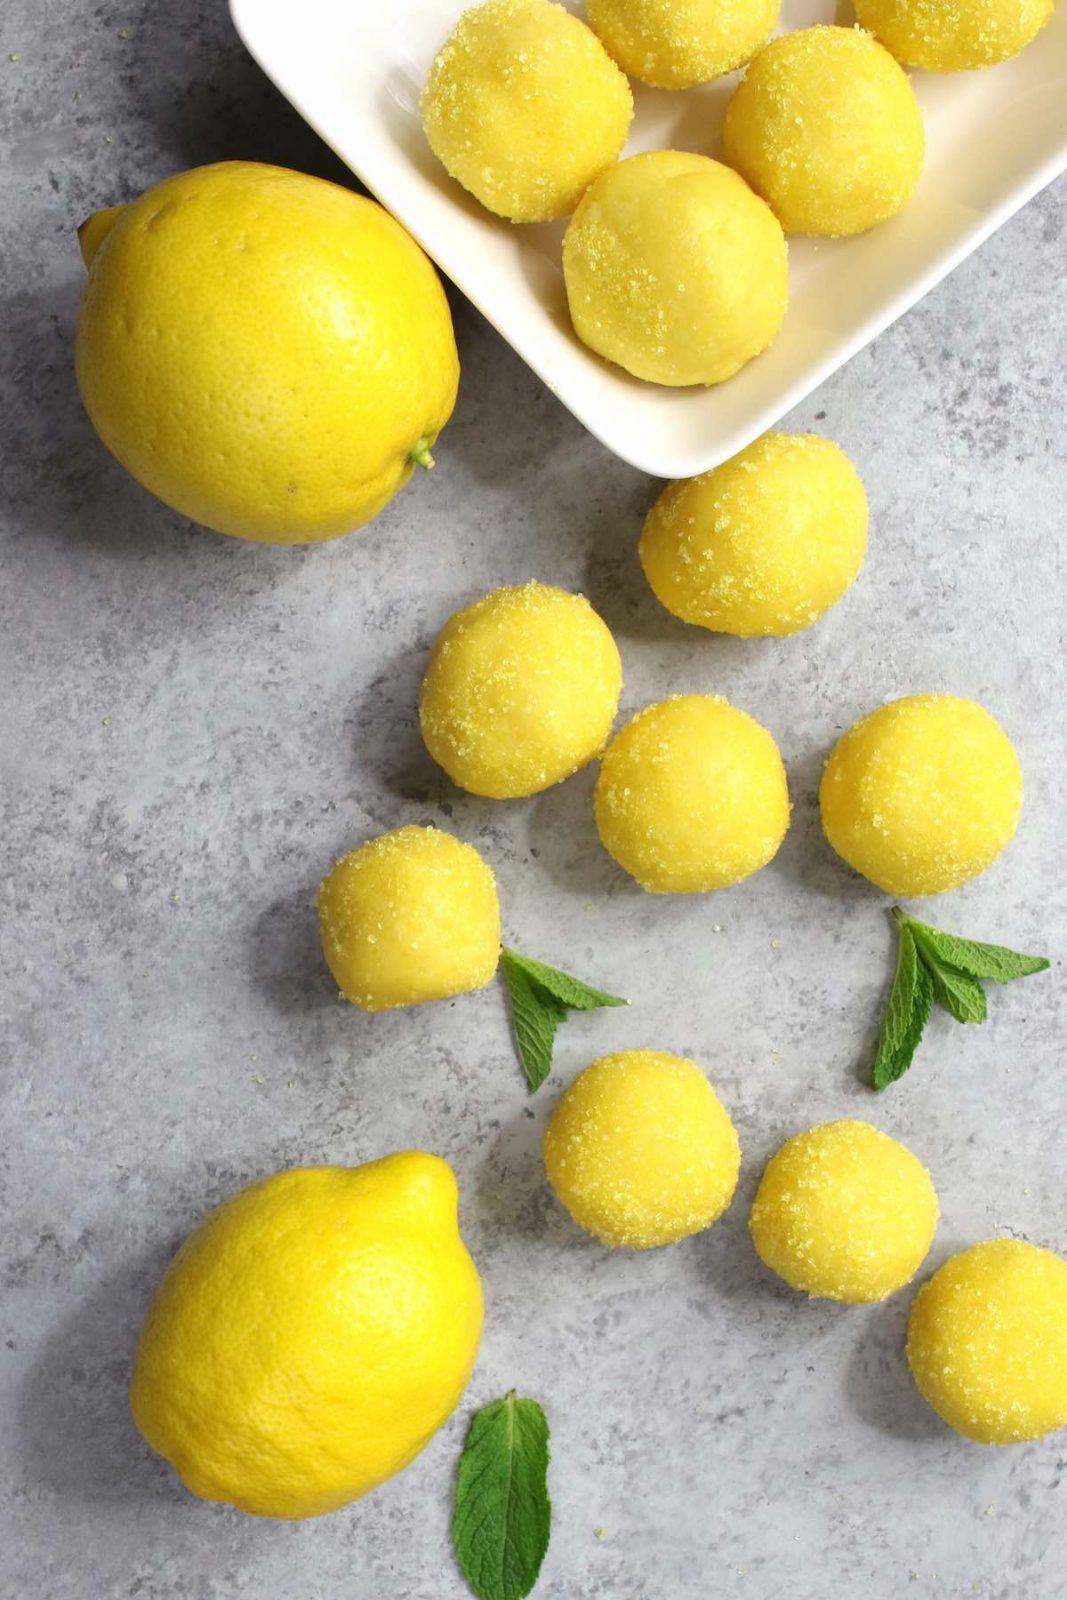 Homemade lemon truffles